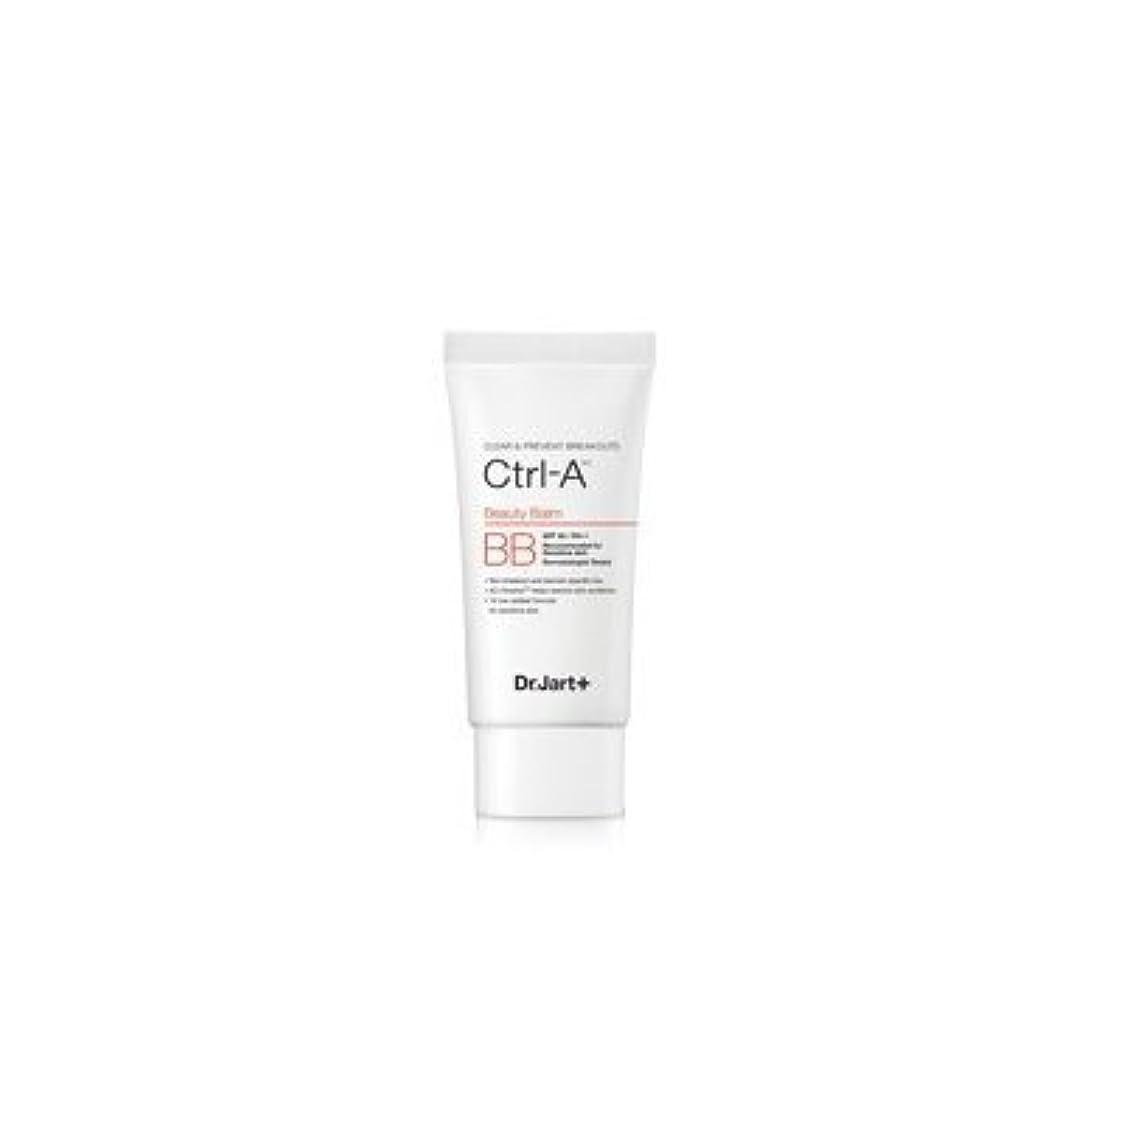 機械吸収する凶暴なKOREAN COSMETICS, Dr.jart + _Ctrl-A Beauty Balm 40ml (Mild BB cream for sensitive skin, UV protection SPF30/PA...